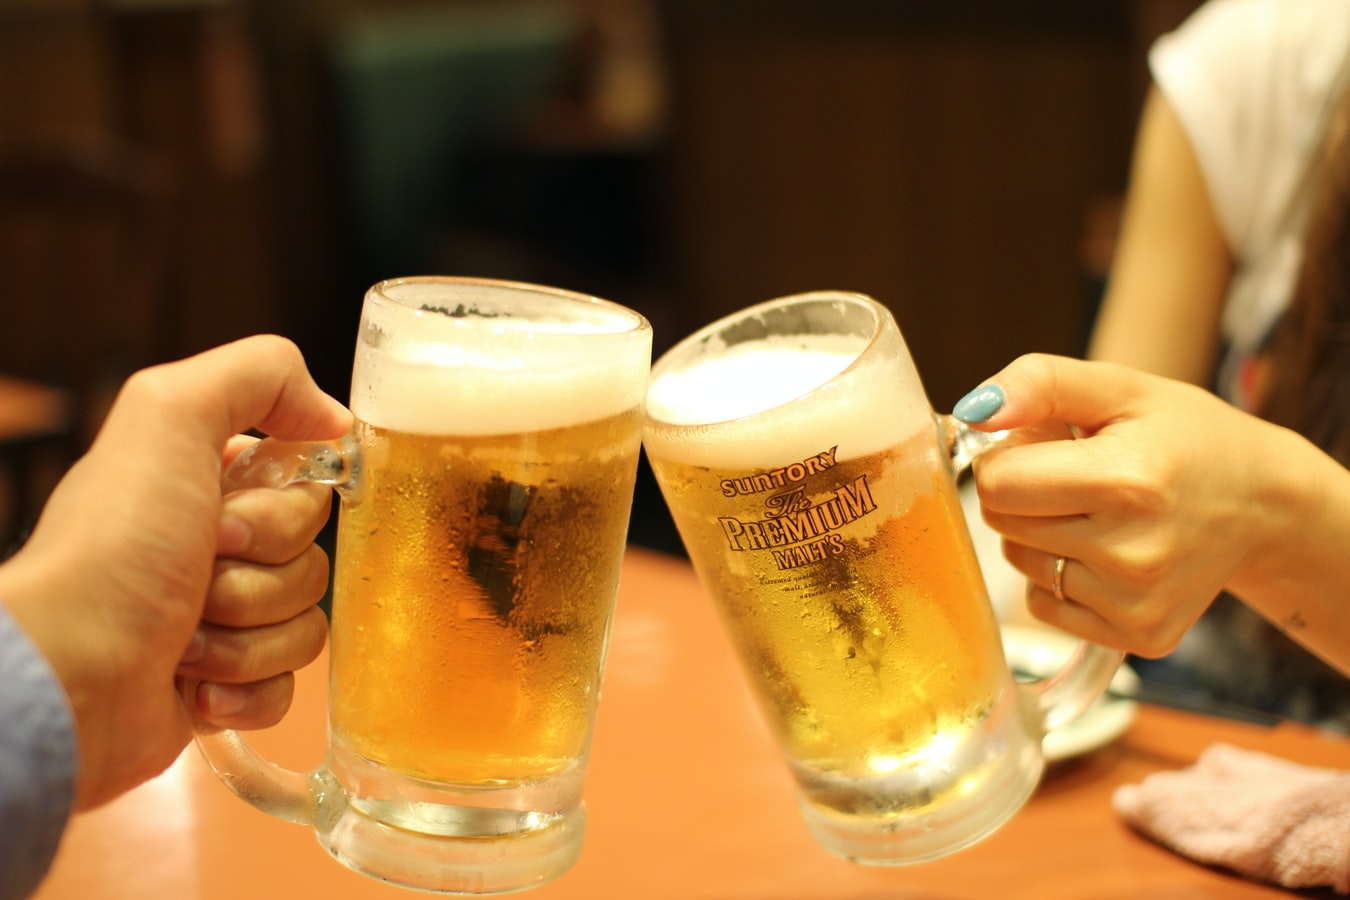 年末聚餐爆喝冰啤酒!營養師揭背後健康危機 | Heho健康